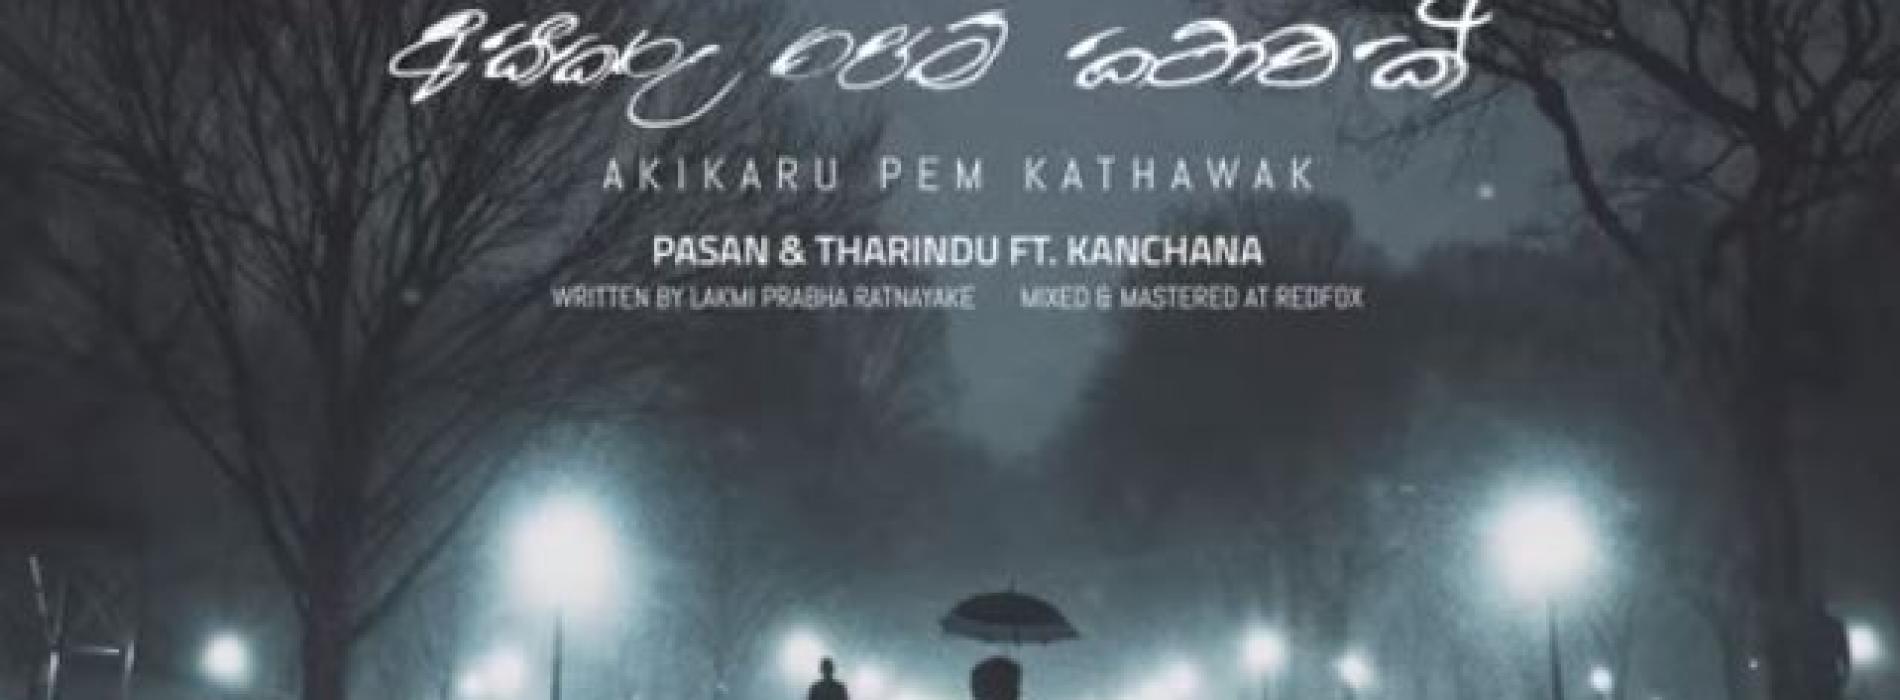 Akikaru Pem Kathawak – Pasan & Tharindu feat. Kanchana (Lyric Video)